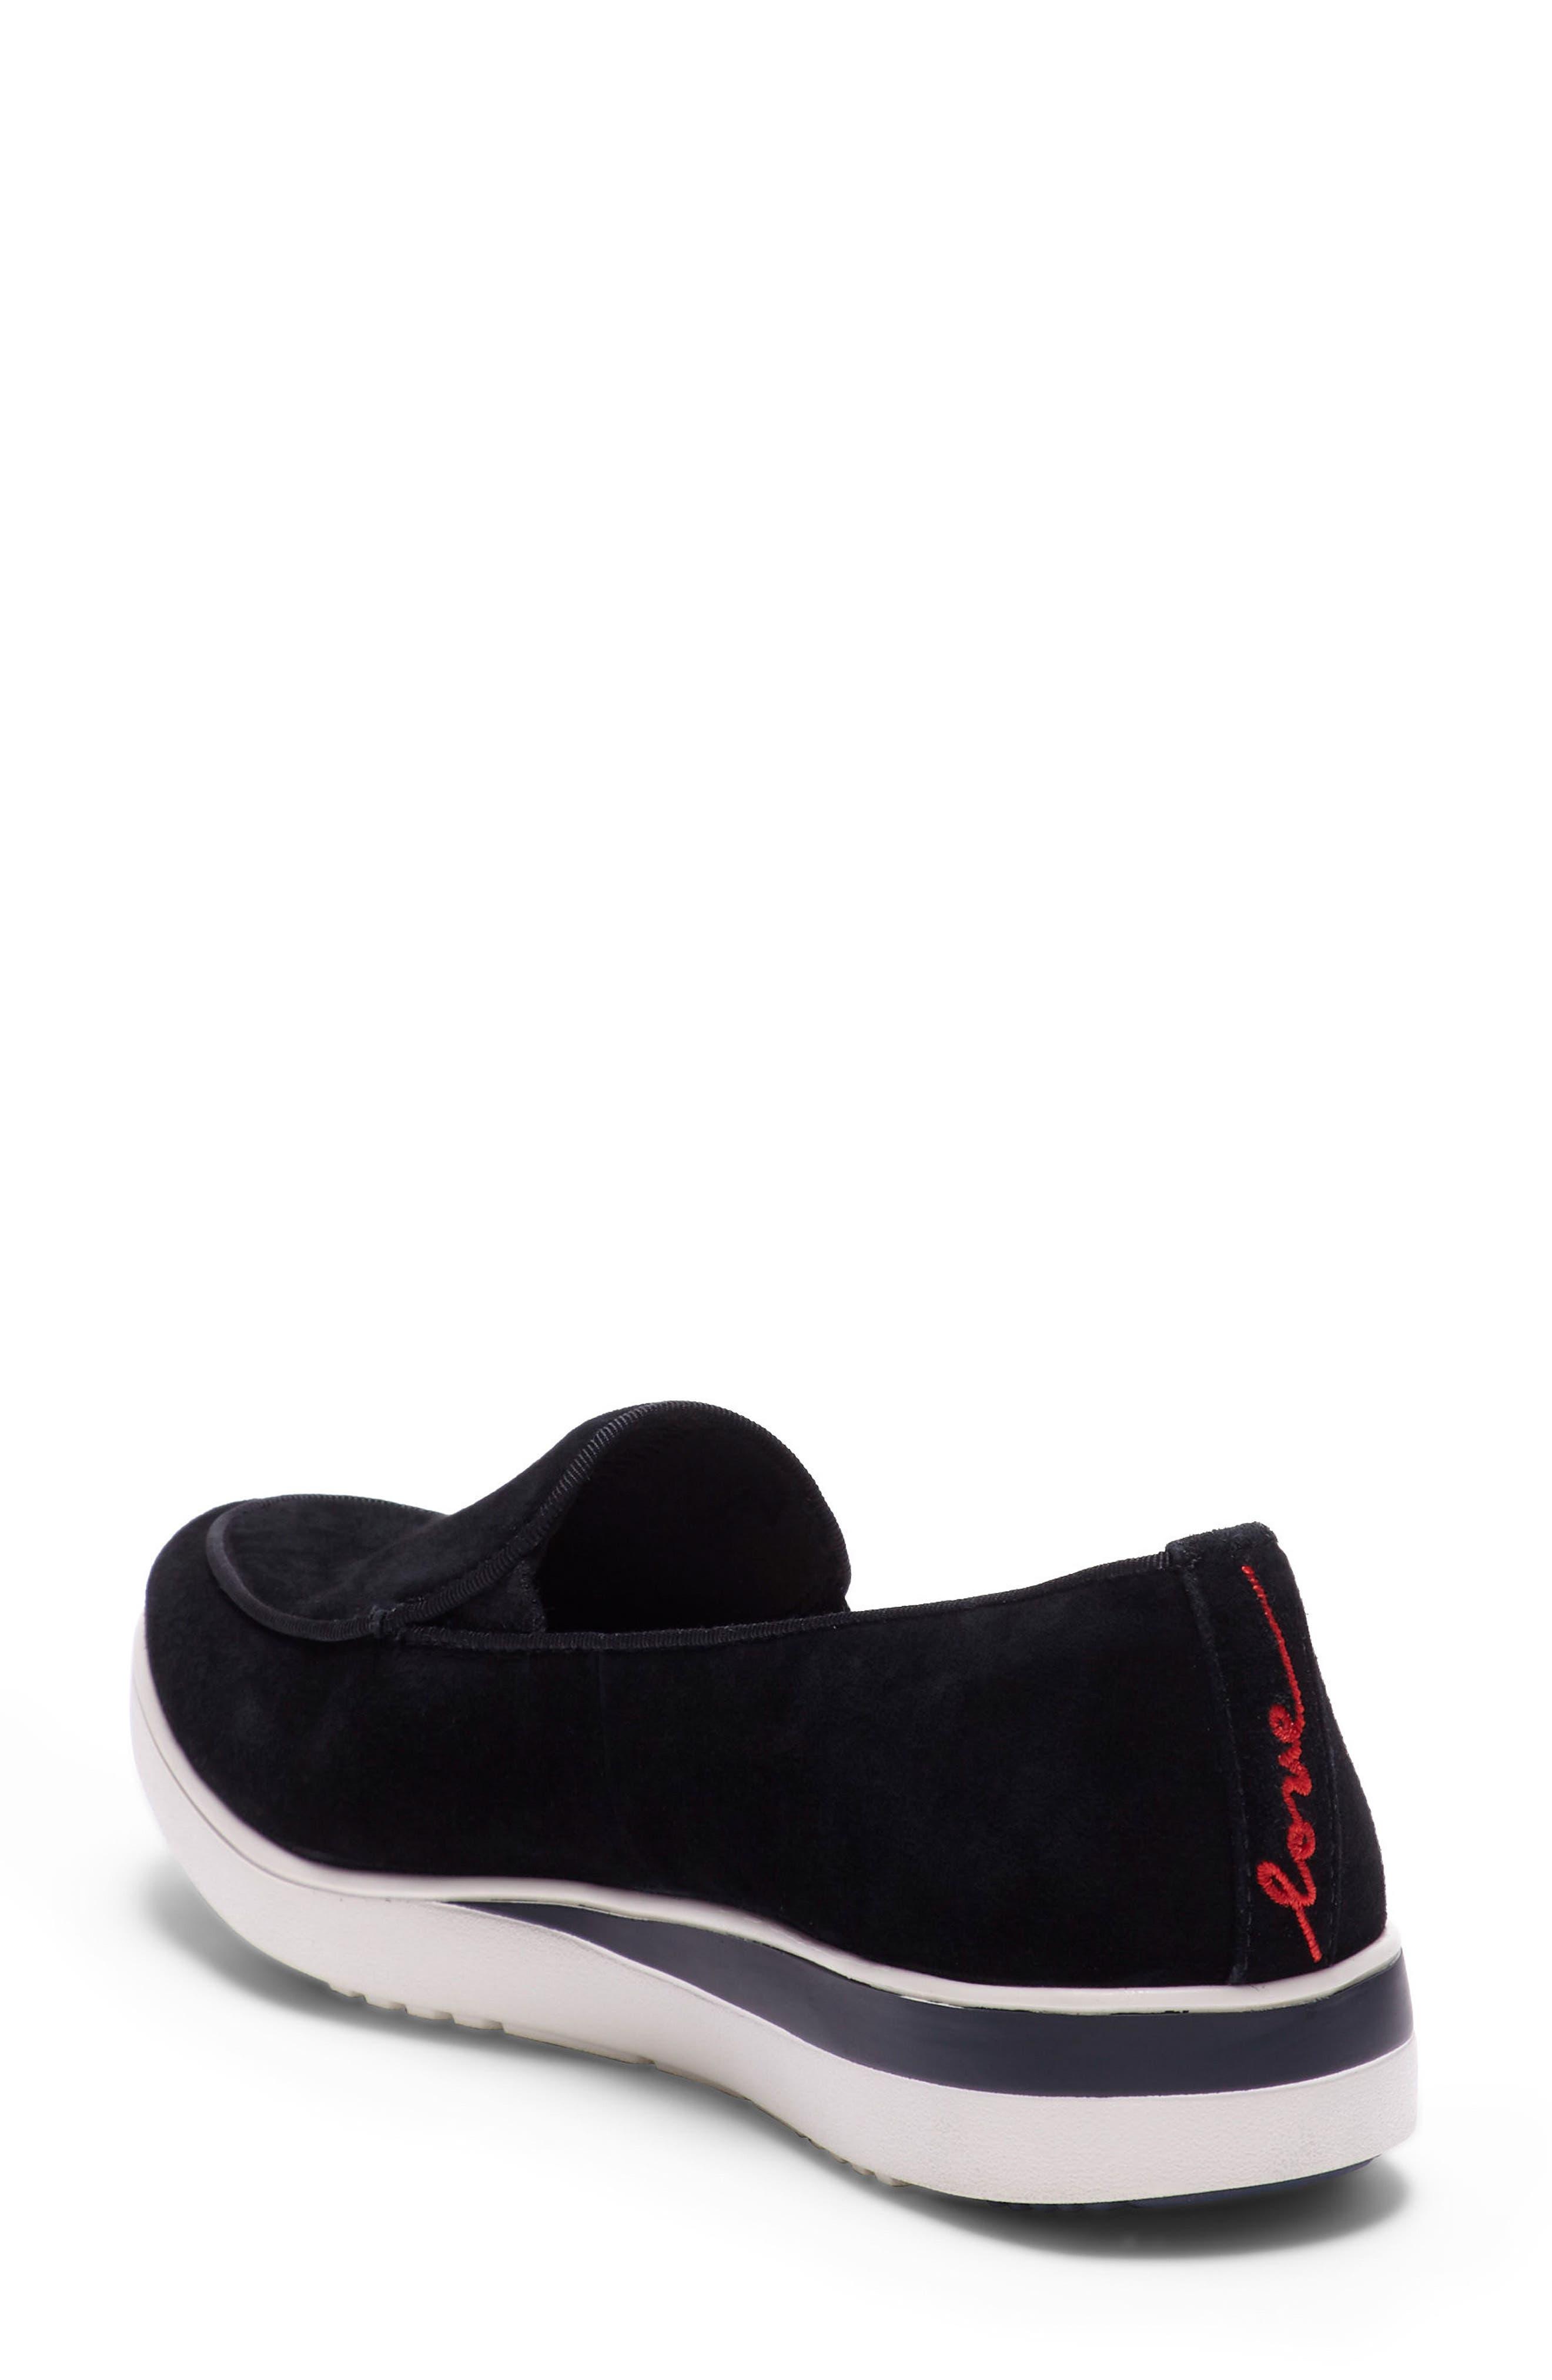 Antona Slip-On Sneaker,                             Alternate thumbnail 2, color,                             002